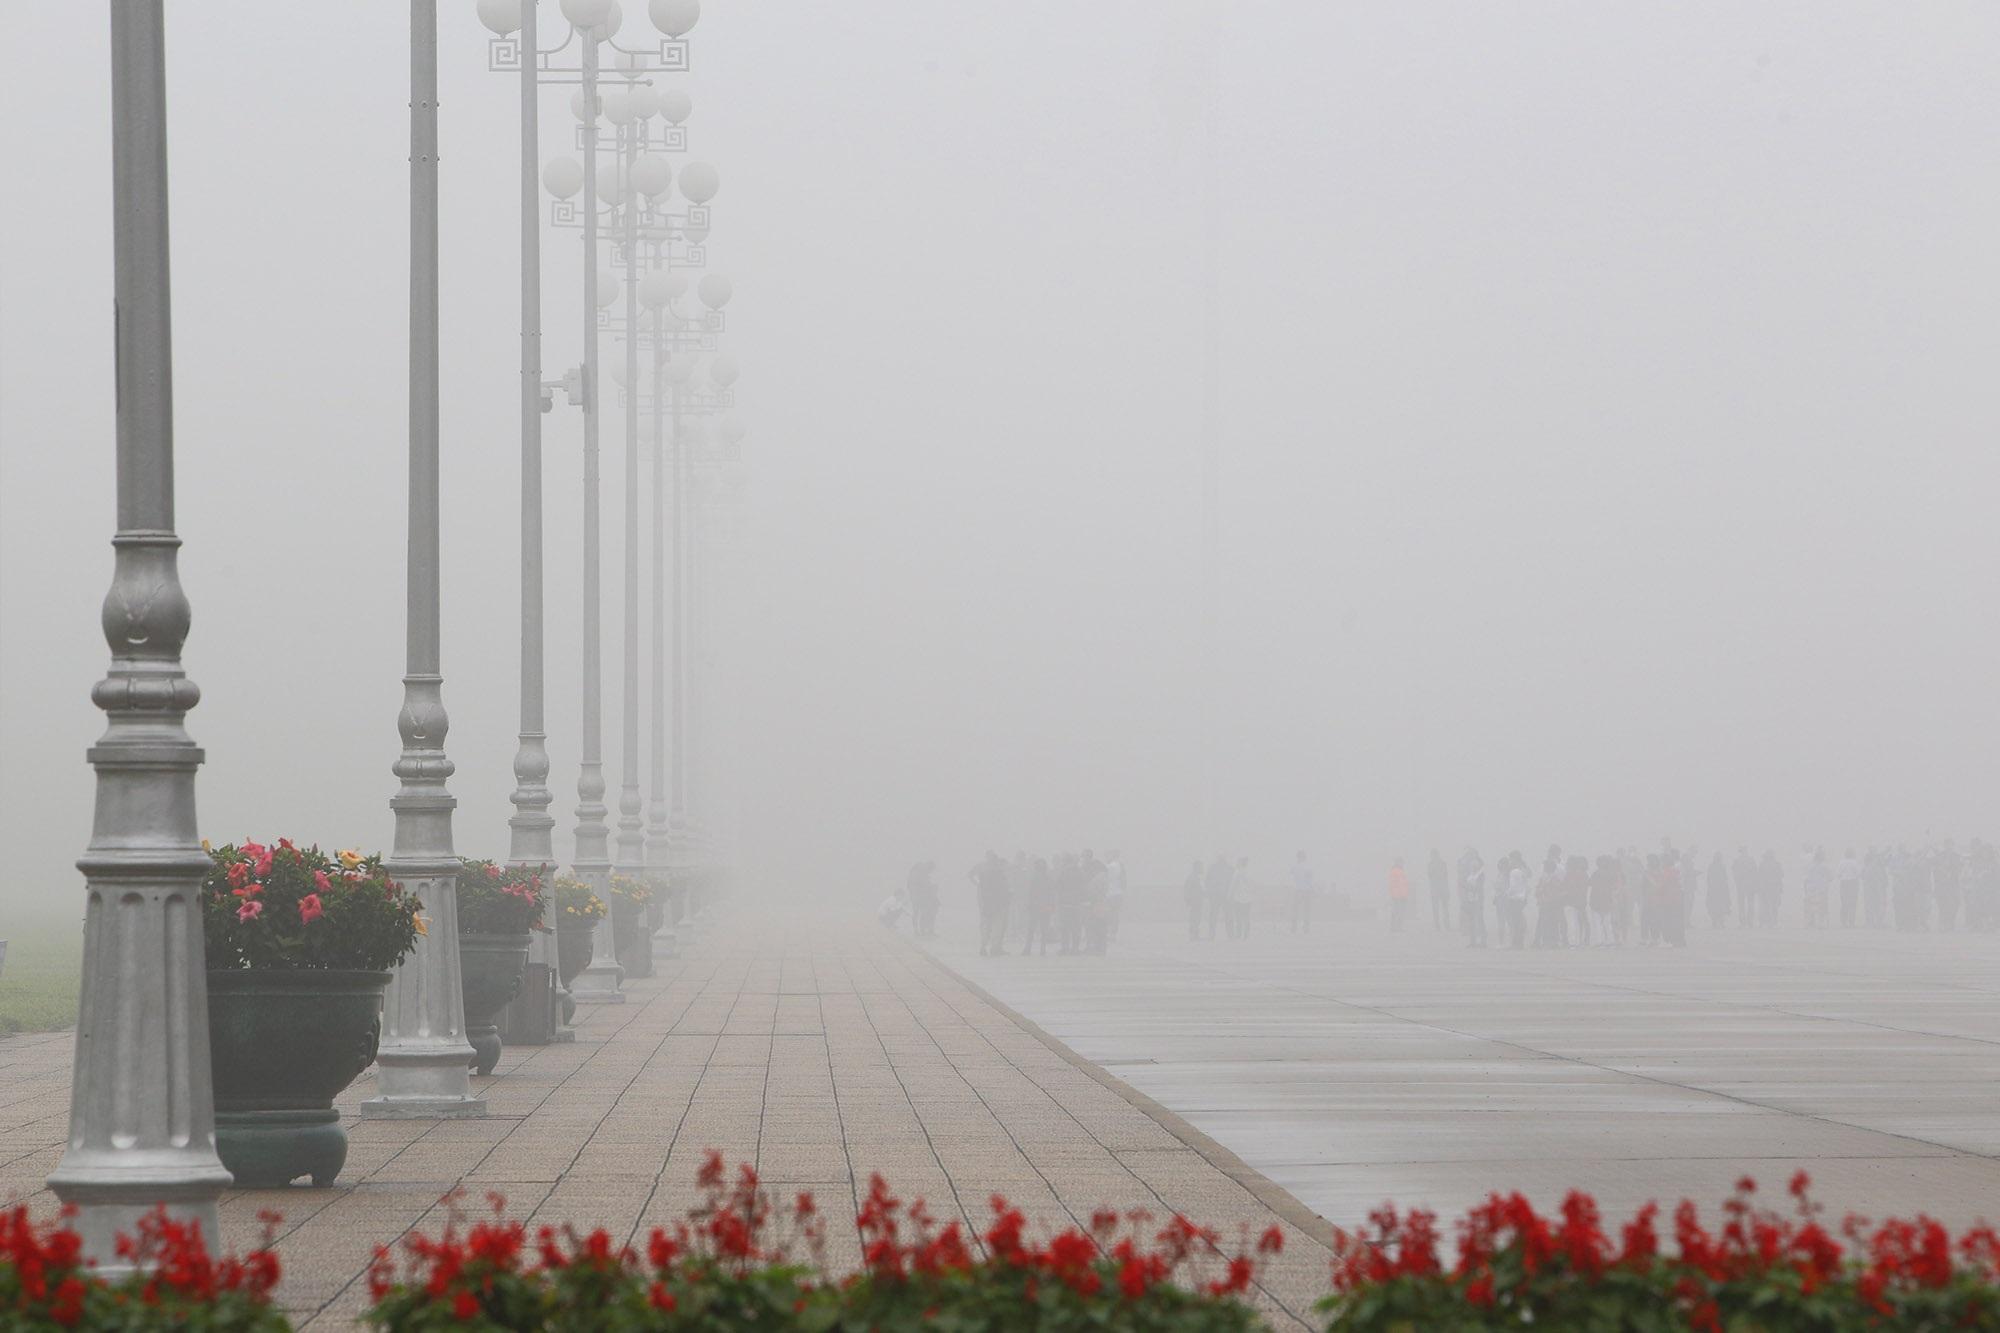 Hà Nội thơ mộng sau làn sương mù dày đặc - 1